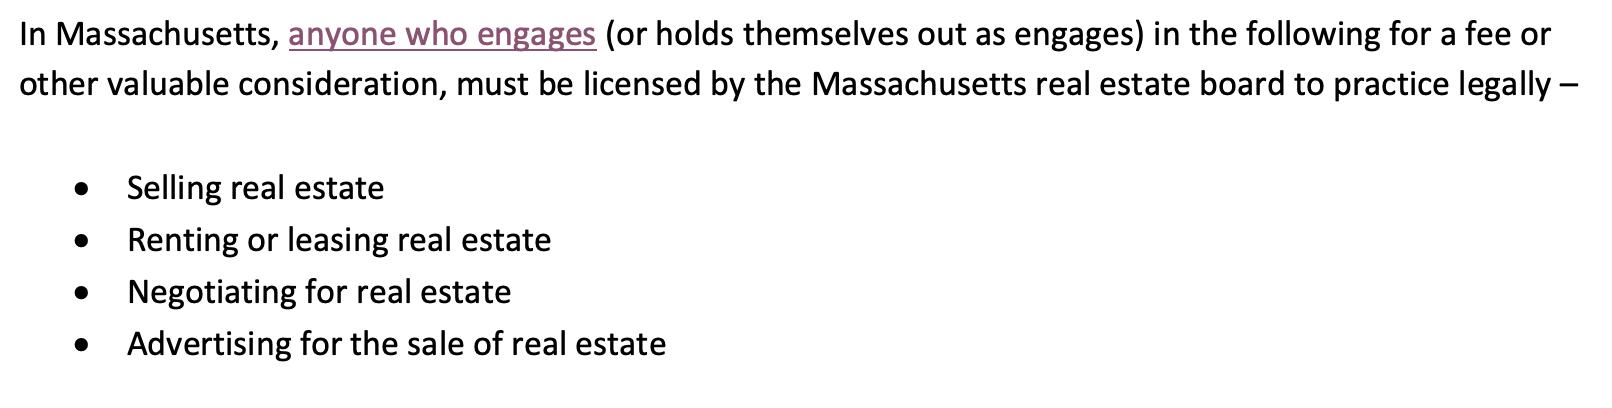 Massachusetts real estate law